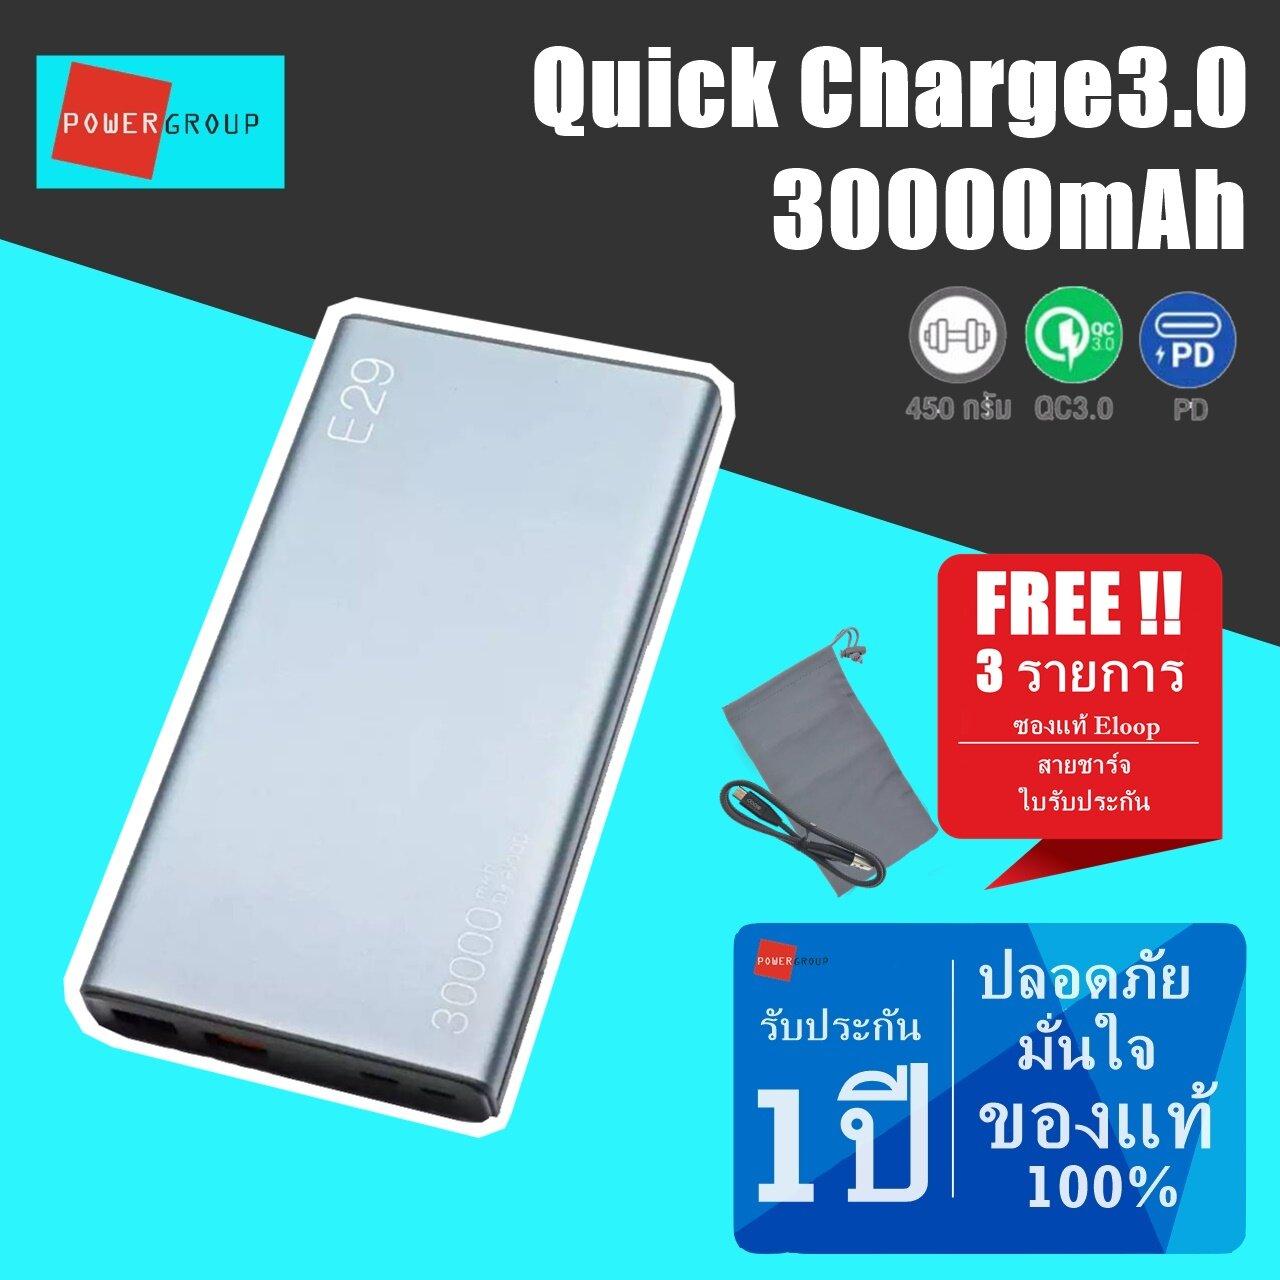 ส่งเร็ว 24 ช.ม Power bank 30000mAh Eloop E29 ฟรีซองผ้า ฟรี สายชาร์จ Type C Power bank พาวเวอร์แบงค์ Eloop E29 30000m พาวเวอร์แบงค์ ชาร์จด่วน ชาร์จเร็ว แถม ซอง สายชาร์จ QC3.0 + QC2.0 + PD Power Group